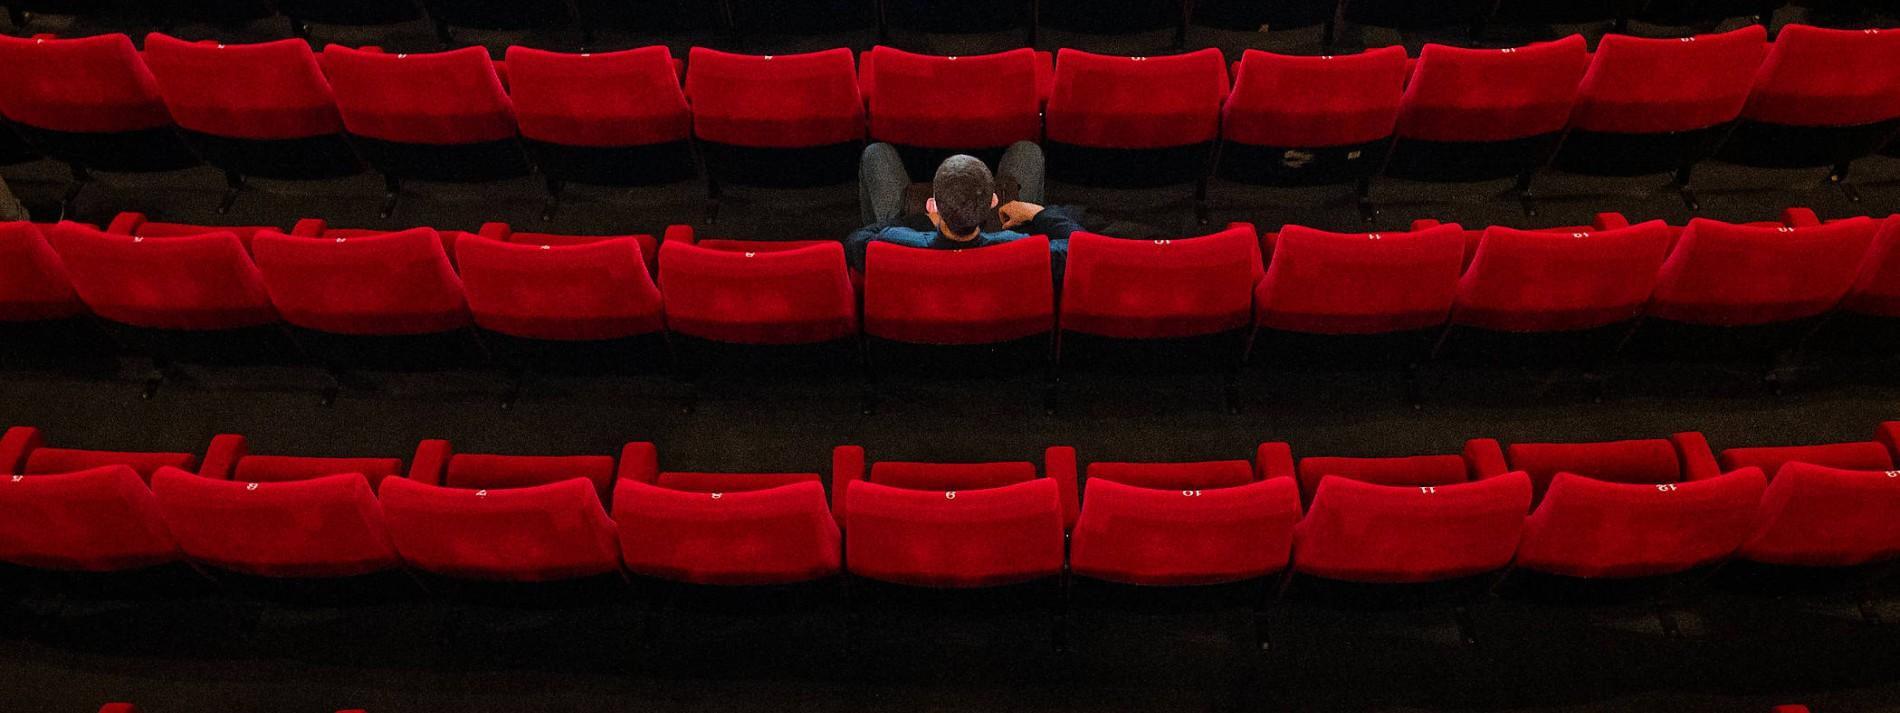 Die Kinos kommen zurück